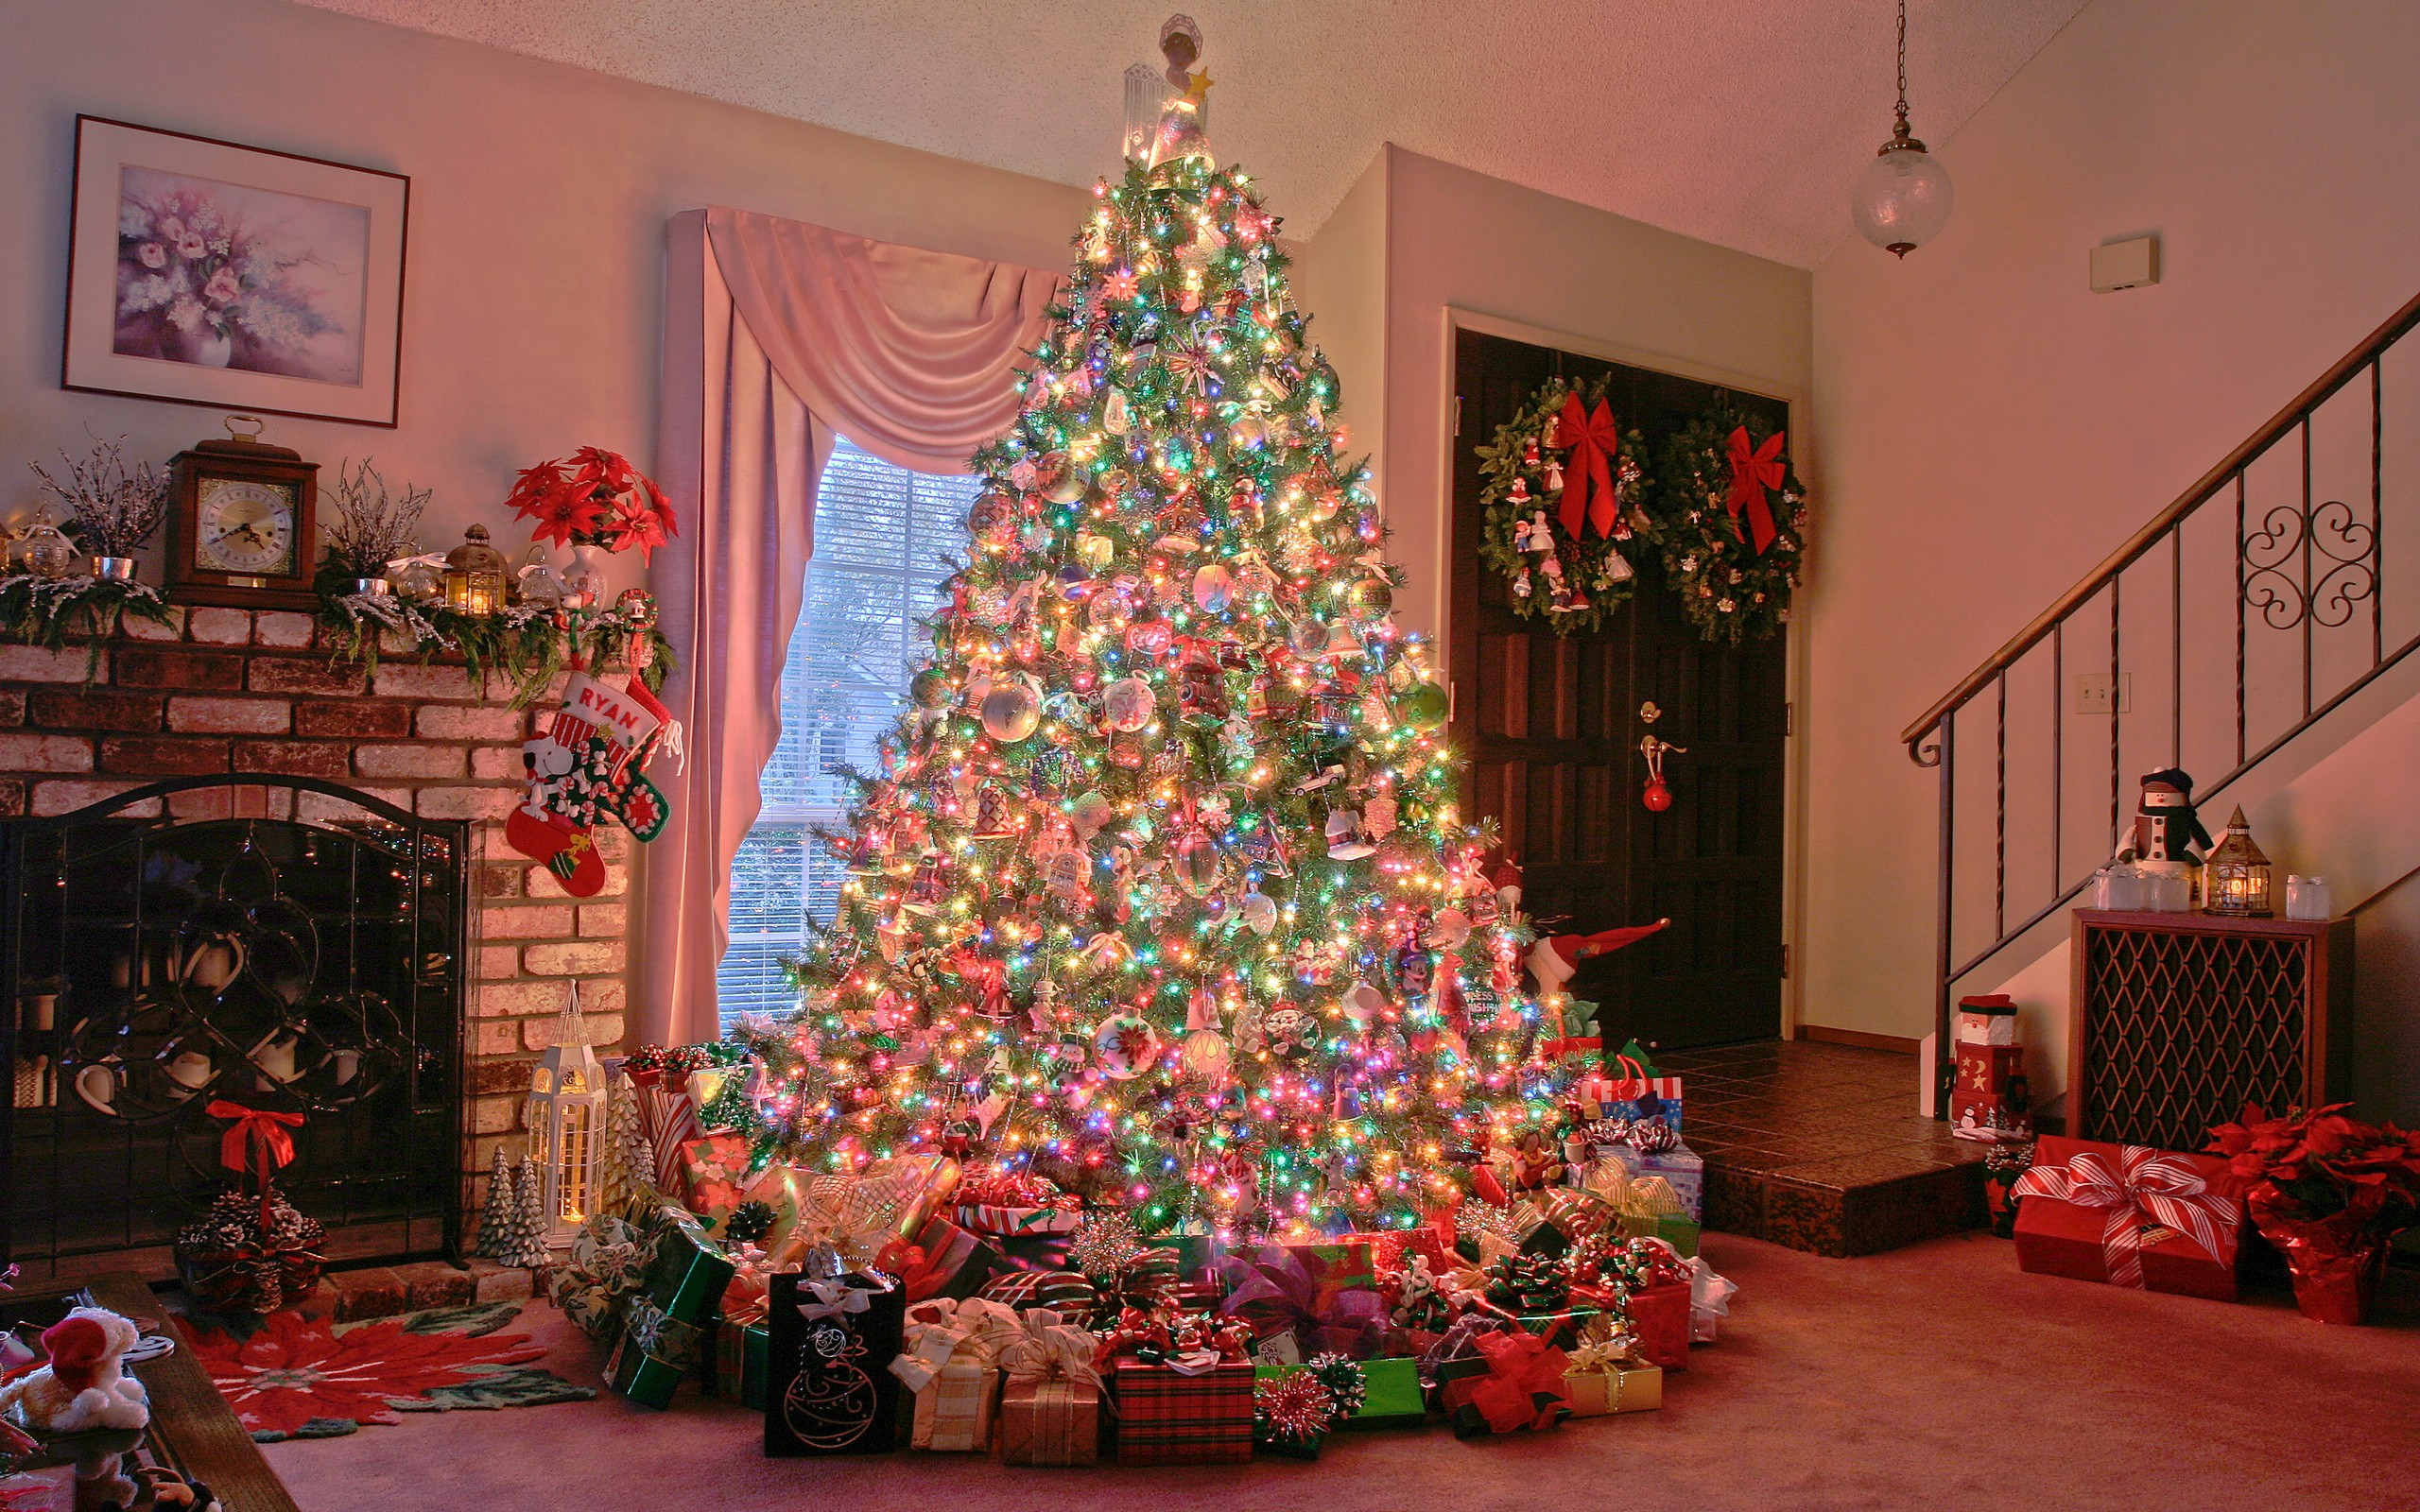 Como decorar arbol de navidad en casa - 2560x1600